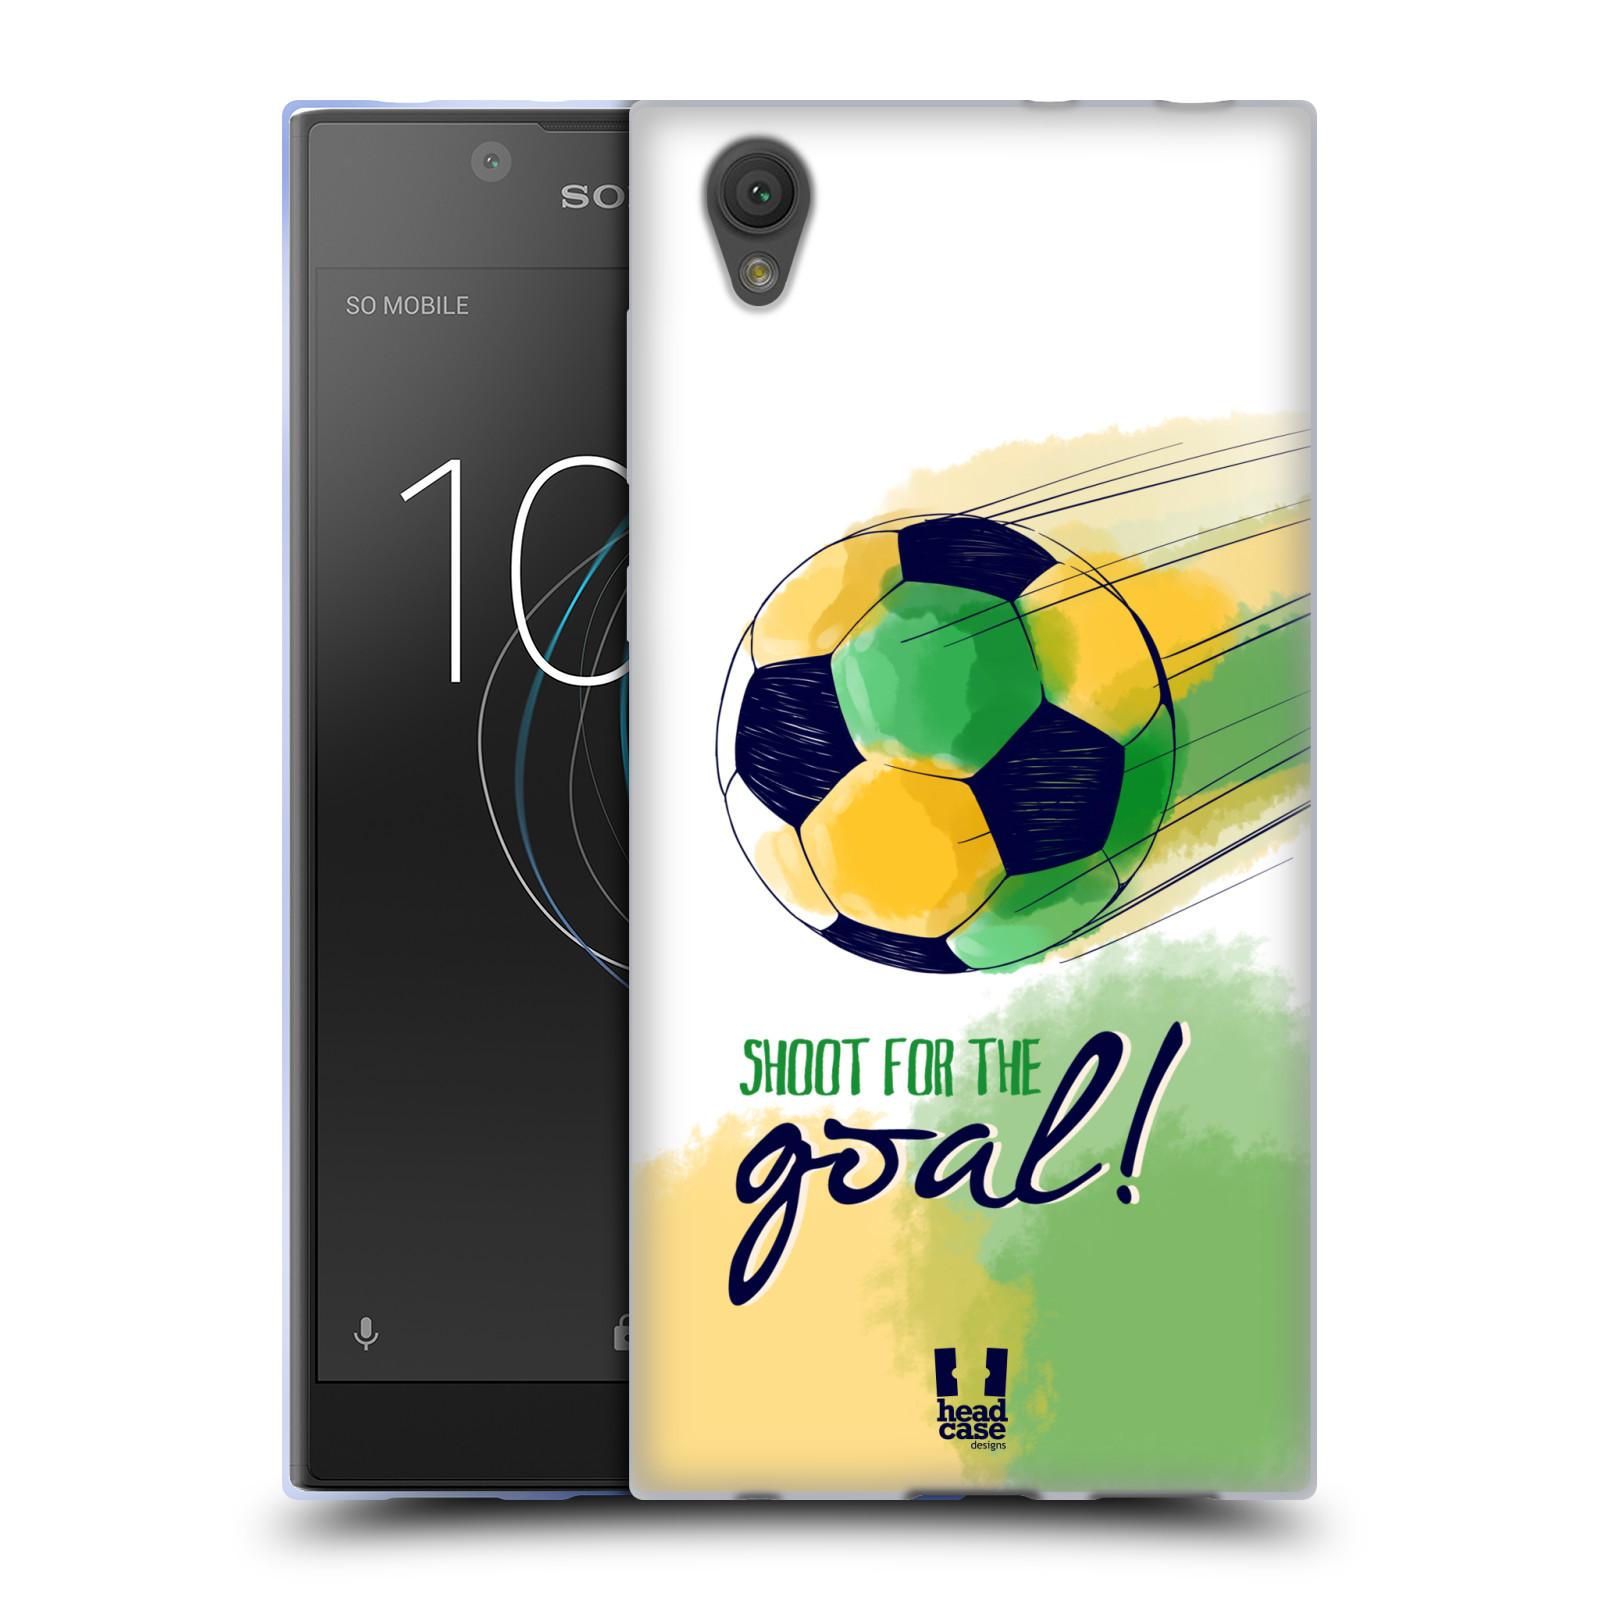 HEAD CASE silikonový obal na mobil Sony Xperia L1 Sport fotbalový gól zelená barva